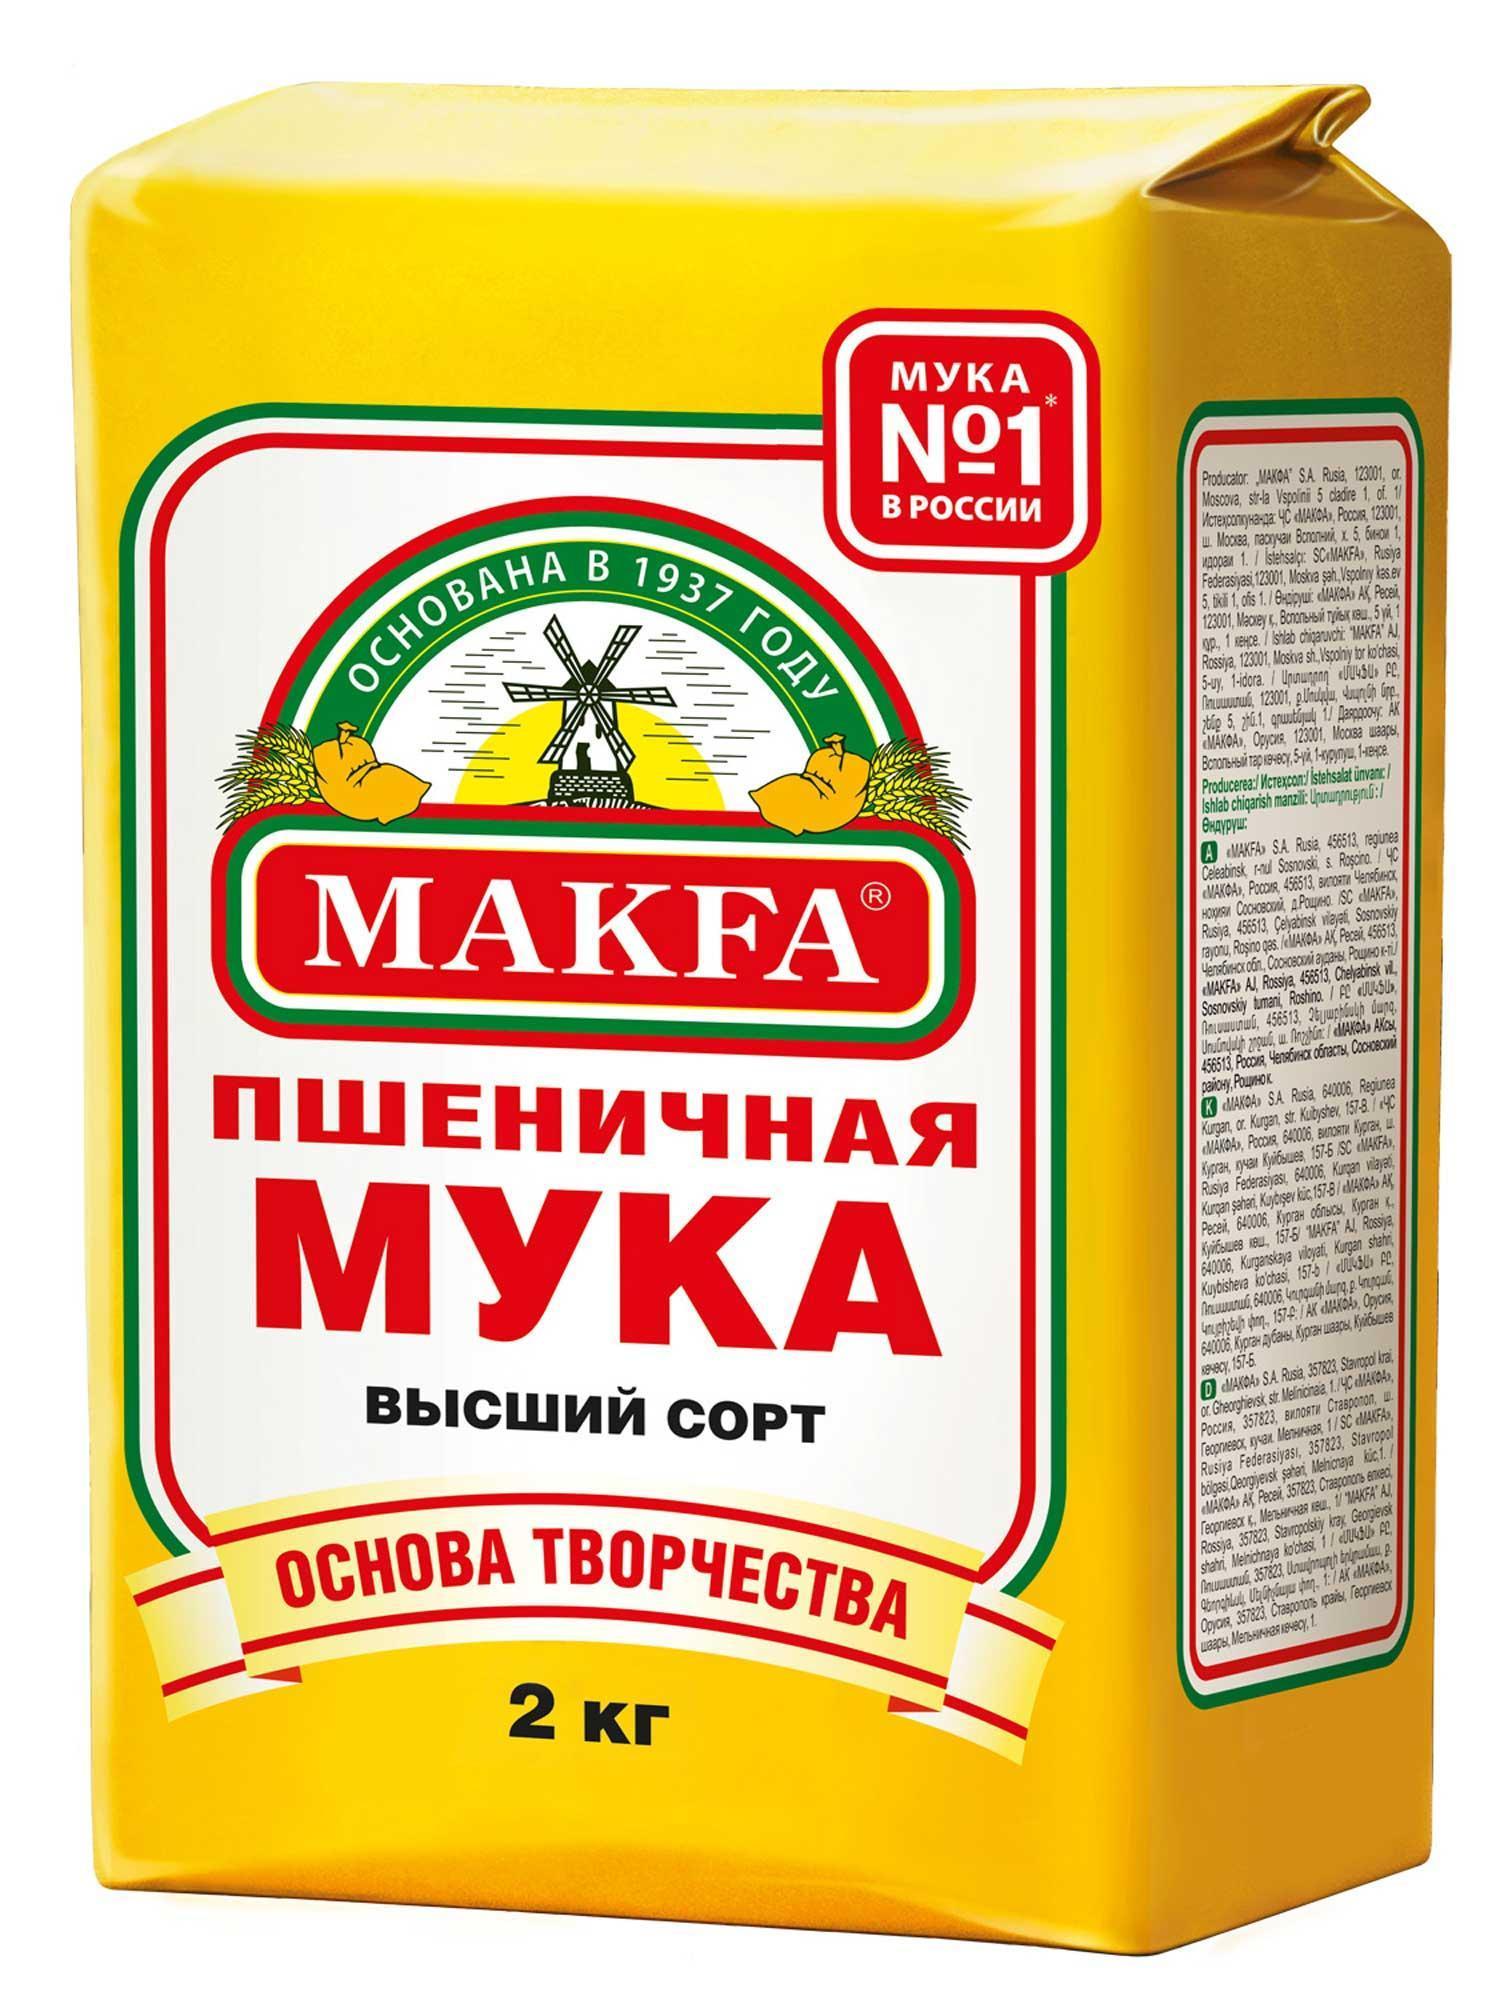 Мука Макфа пшеничная высший сорт 2кг